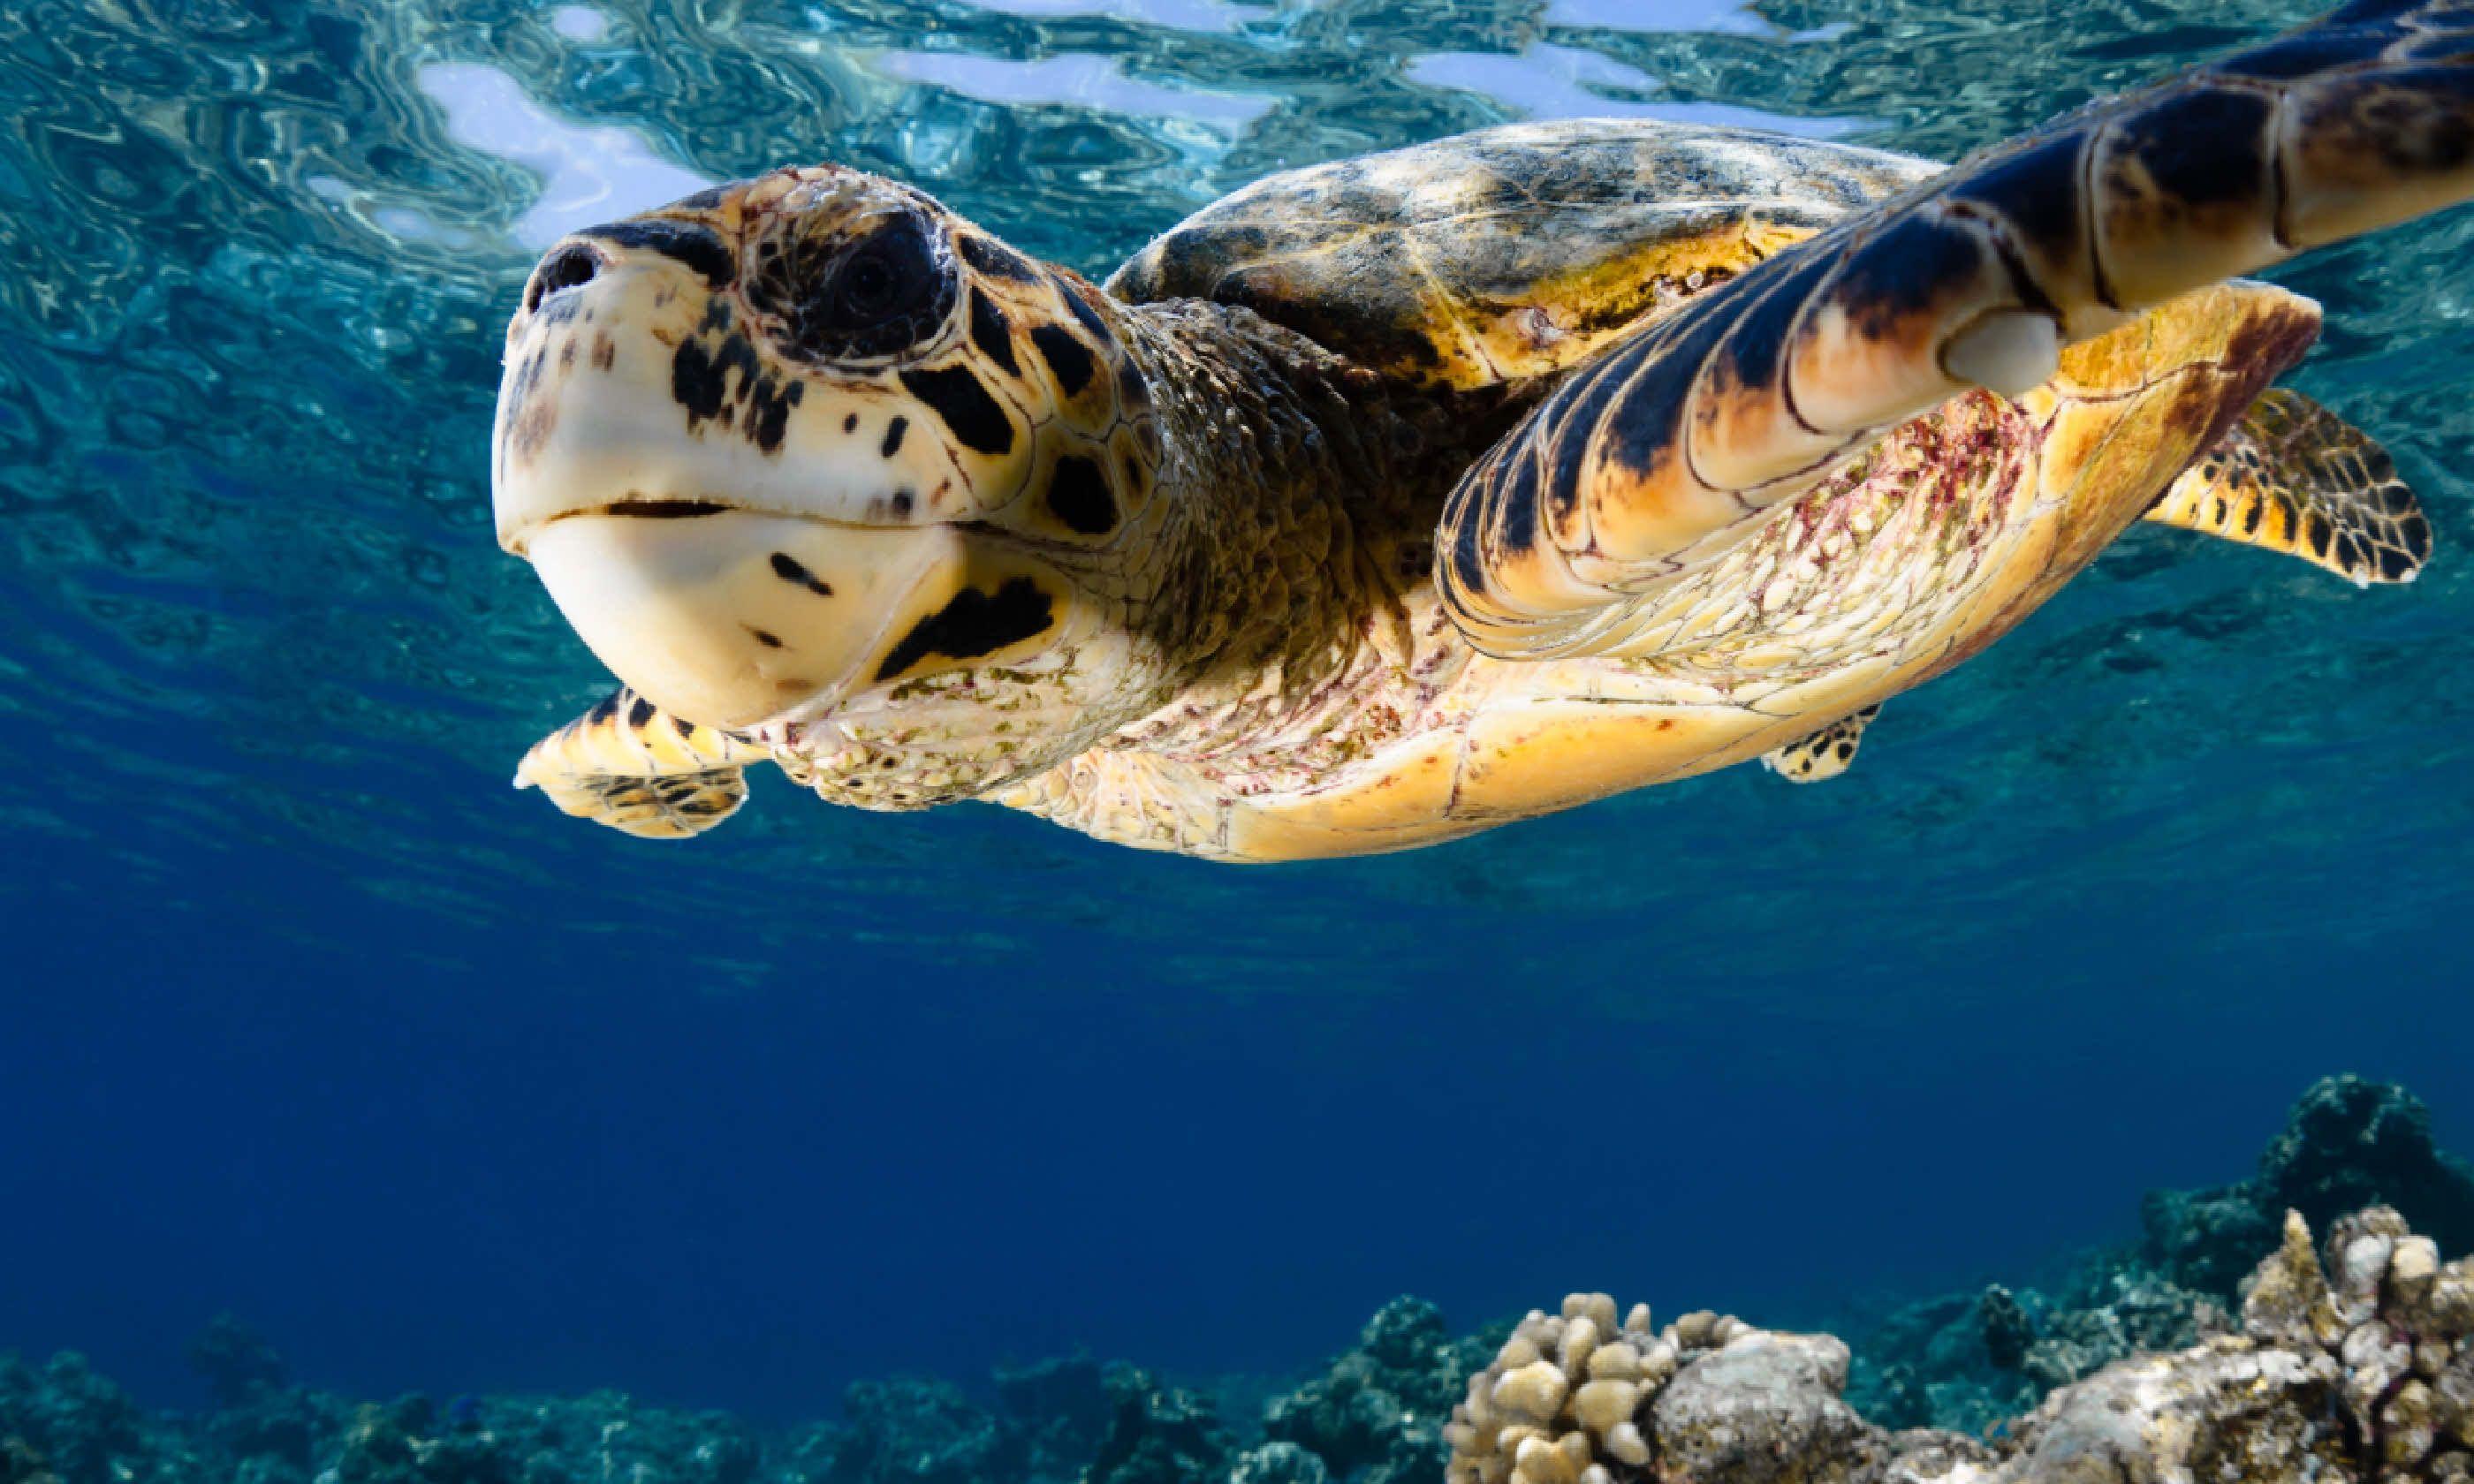 Hawksbill turtle, Maldives (Shutterstock)